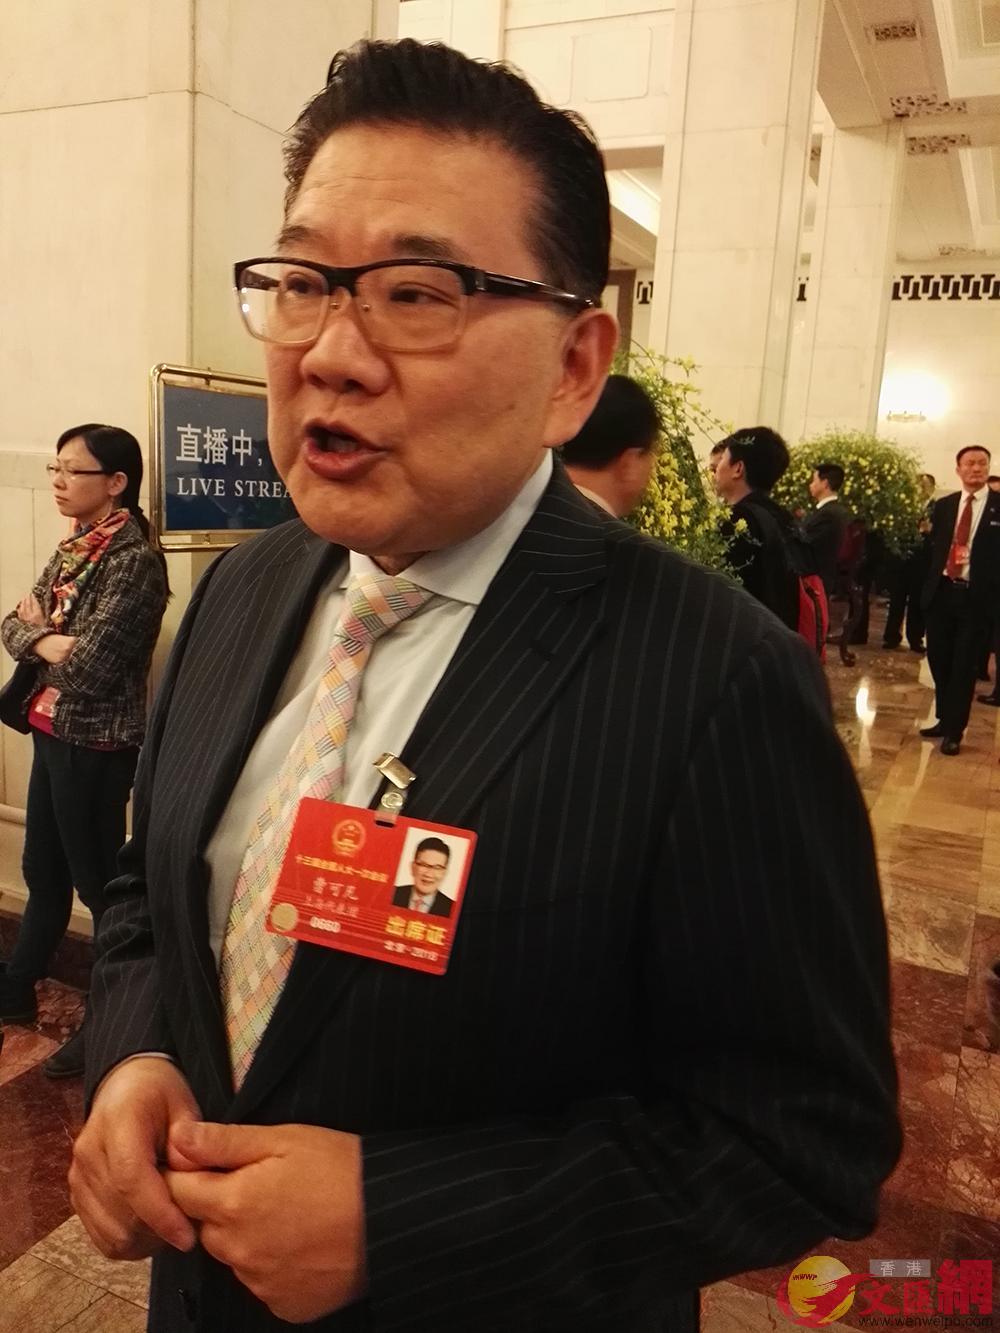 曹可凡:沃顿商学院院长也用微信聊天